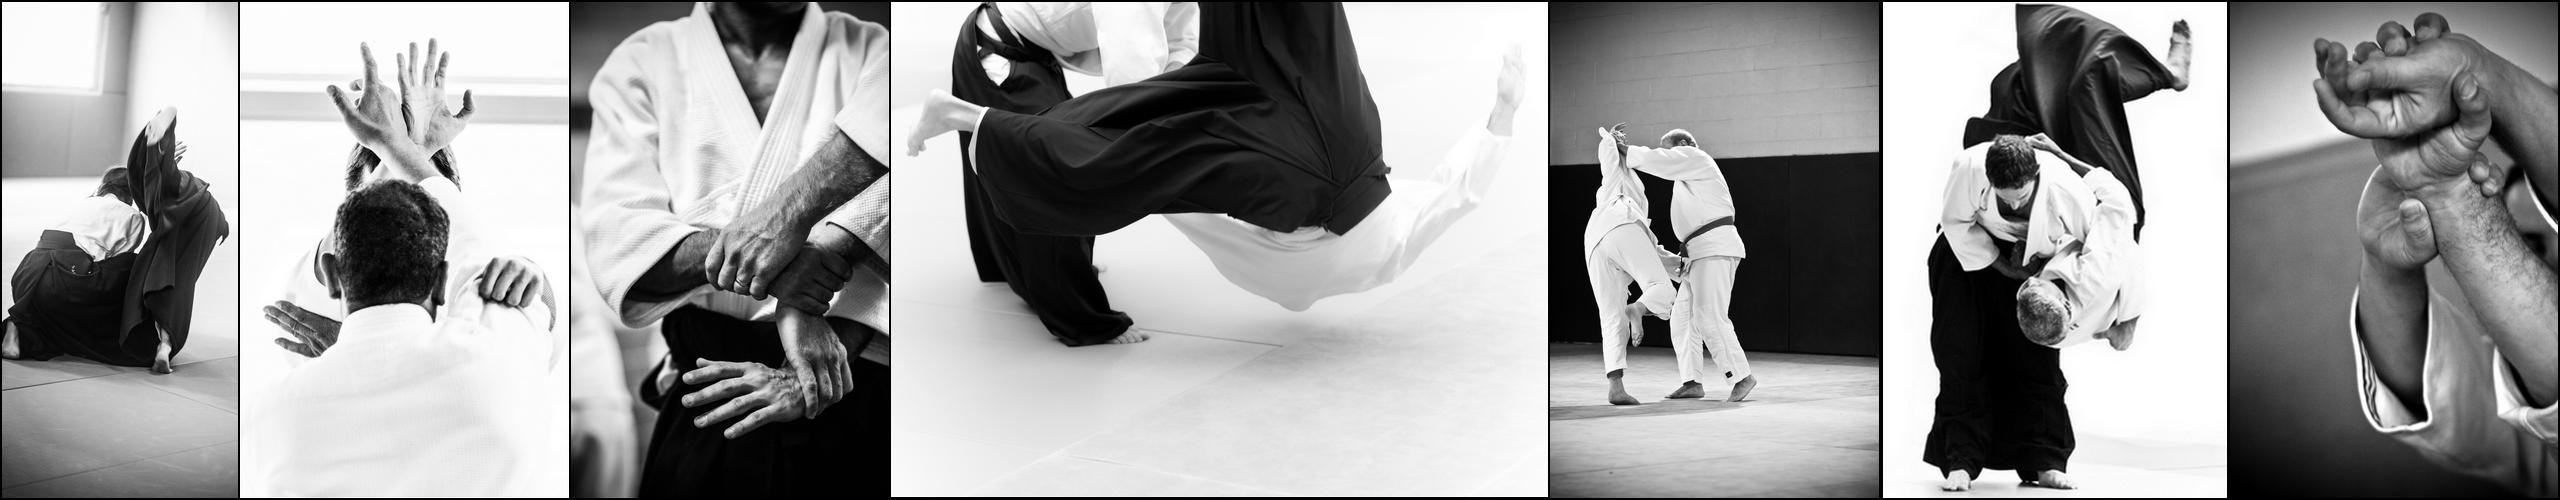 44 questions sur l'aïkido